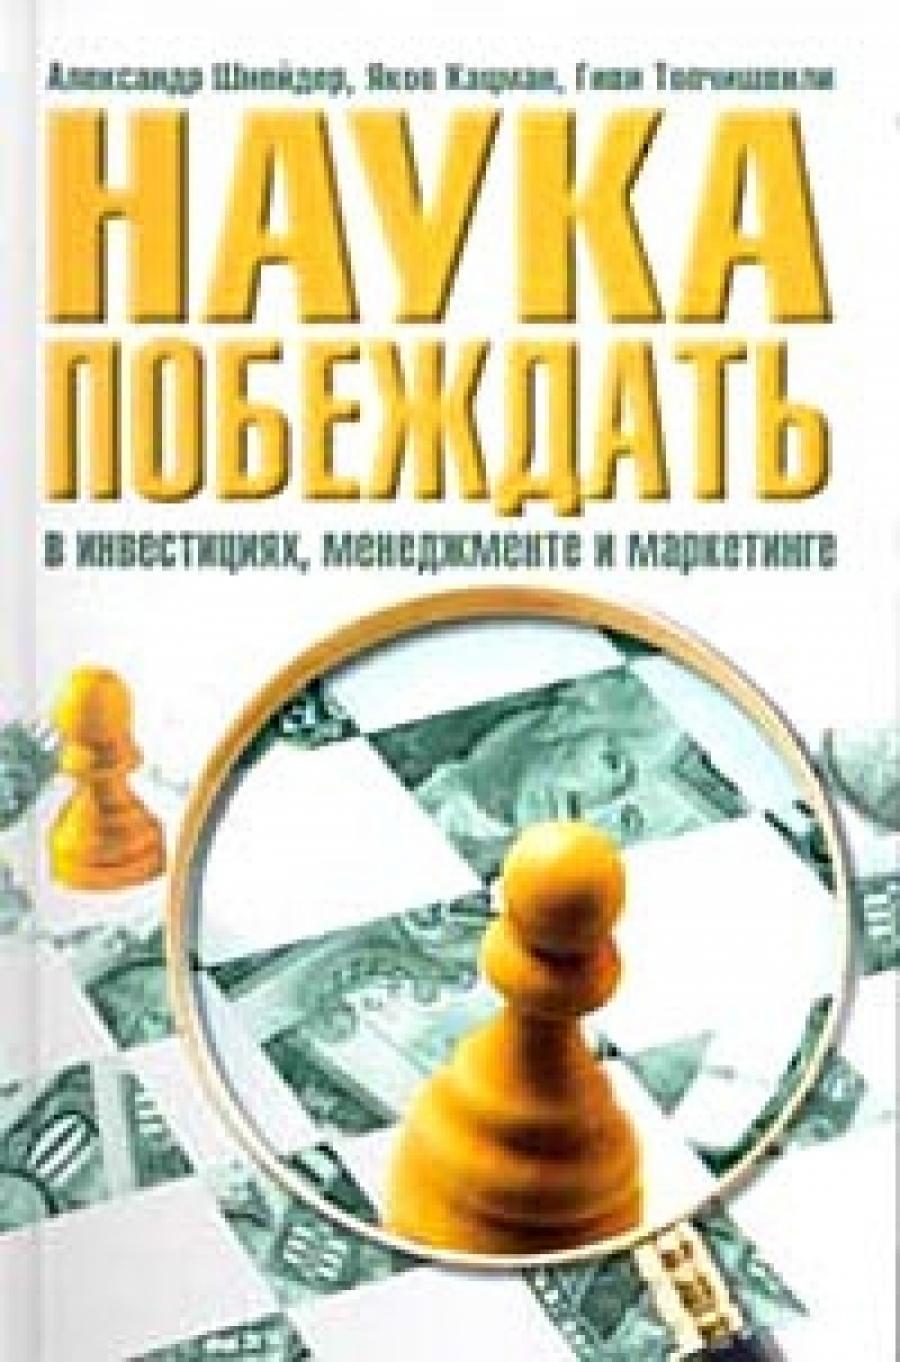 Обложка книги:  а.шнейдер, я.кацман, г.топчишвили - наука побеждать в инвестициях, менеджменте и маркетинге